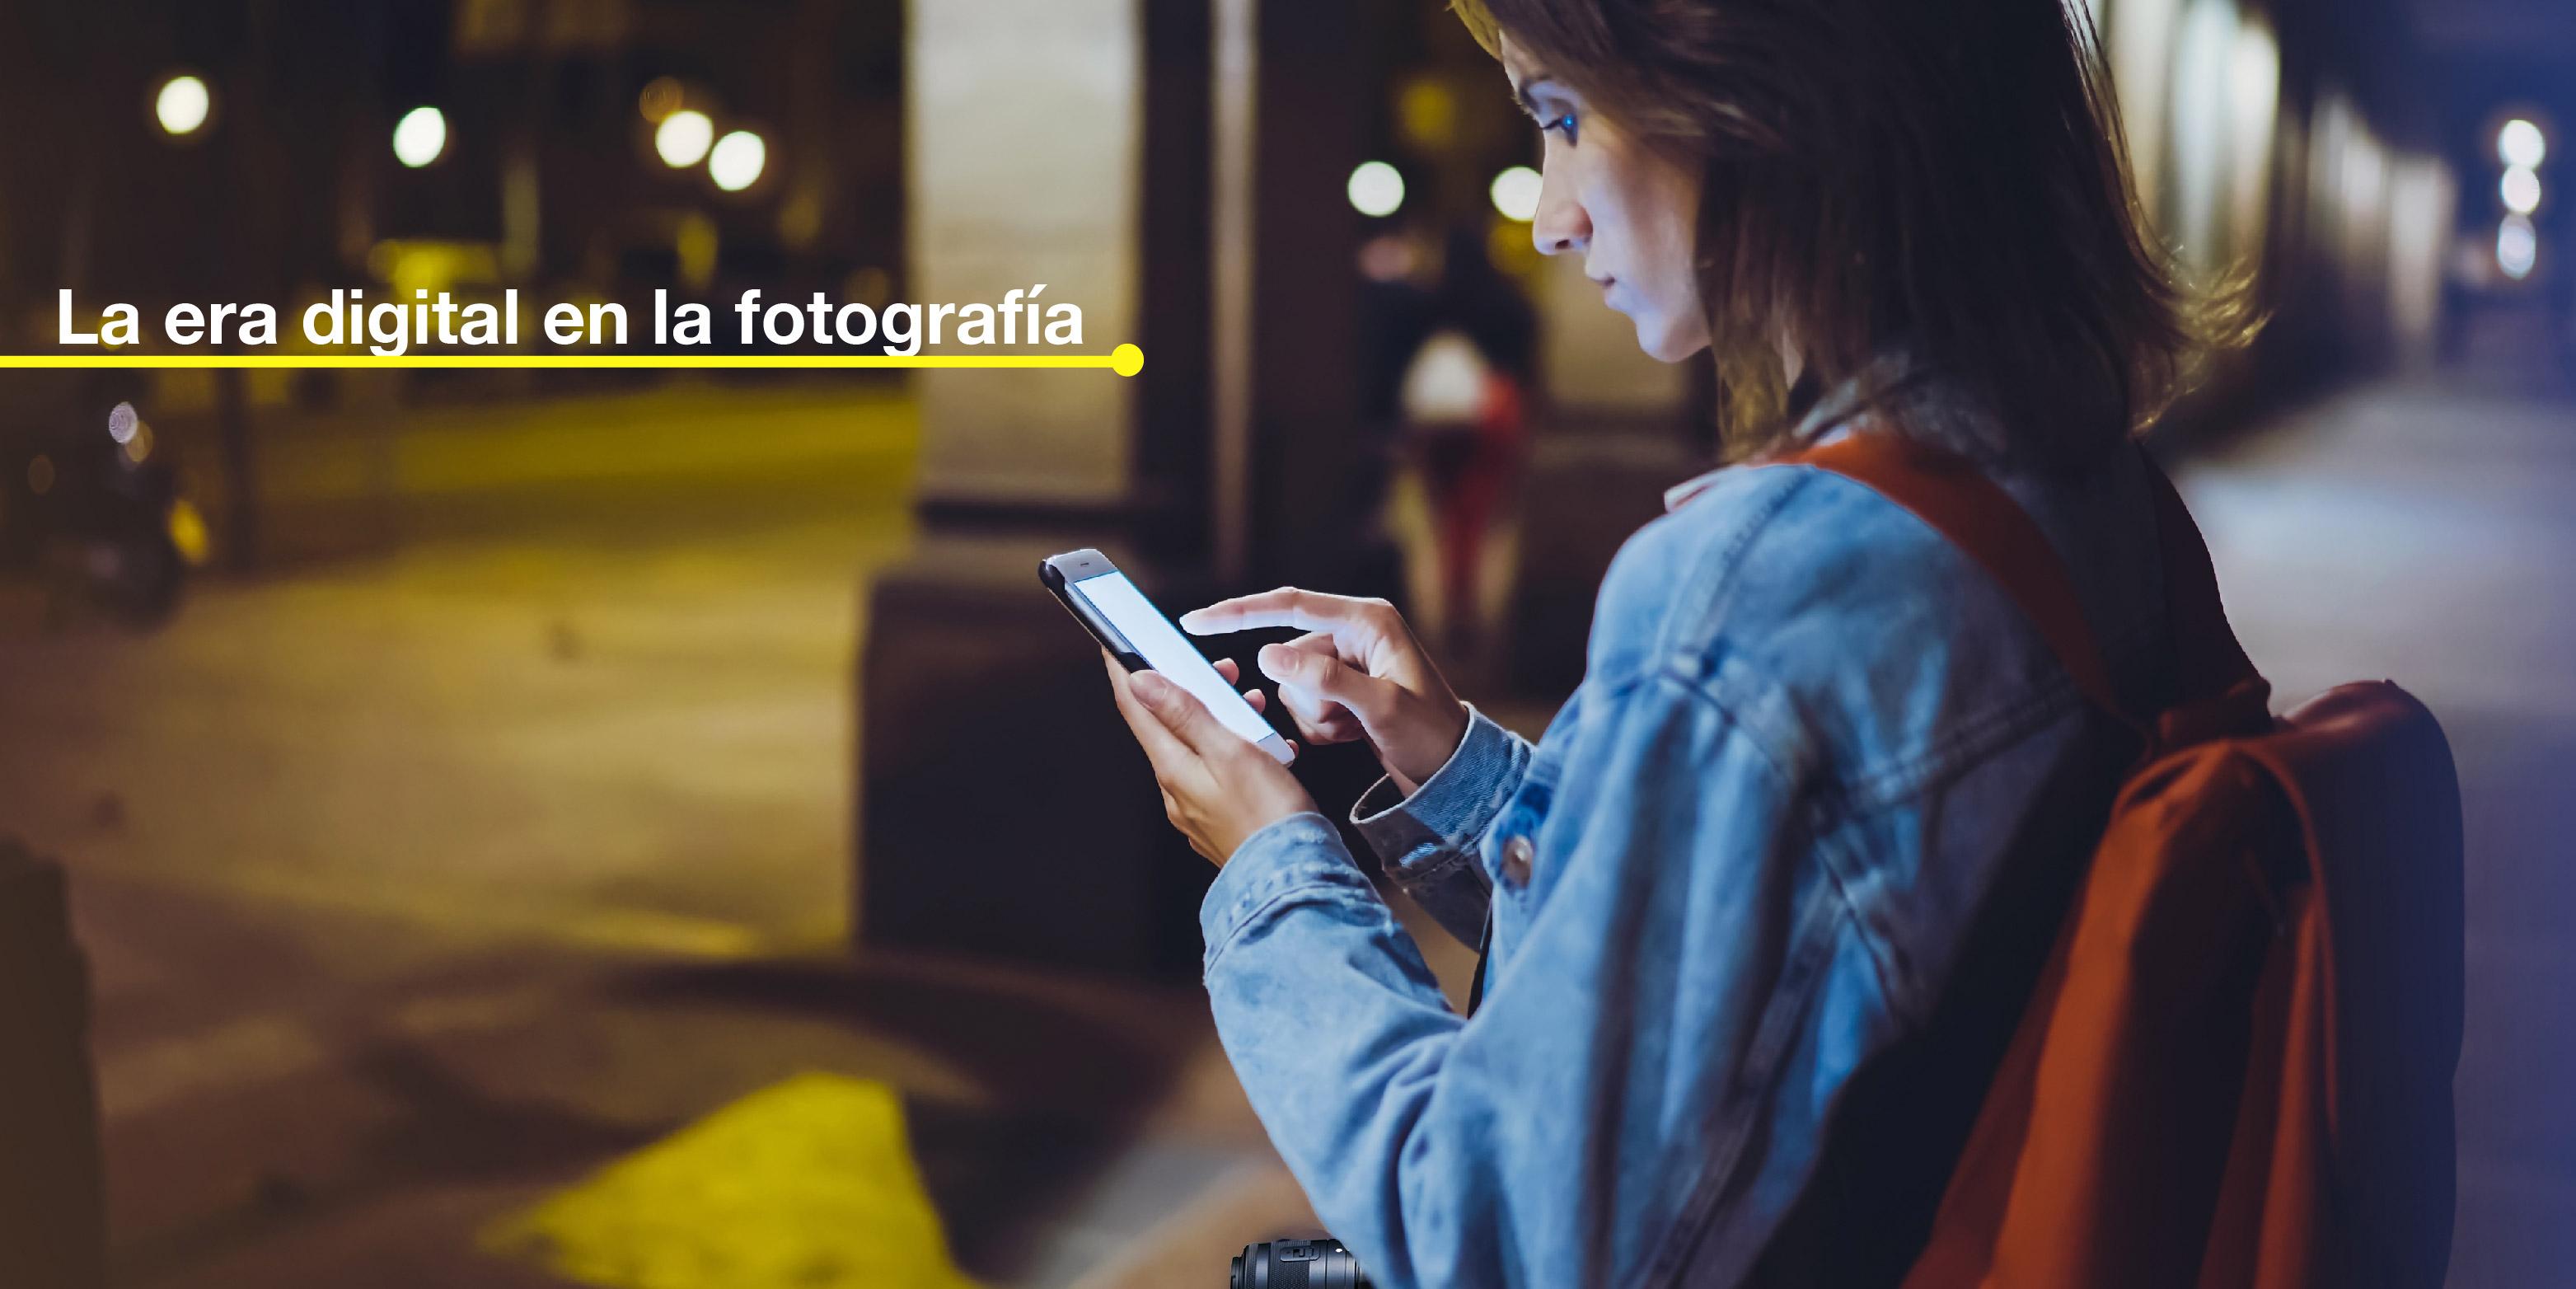 La era digital en la fotografía